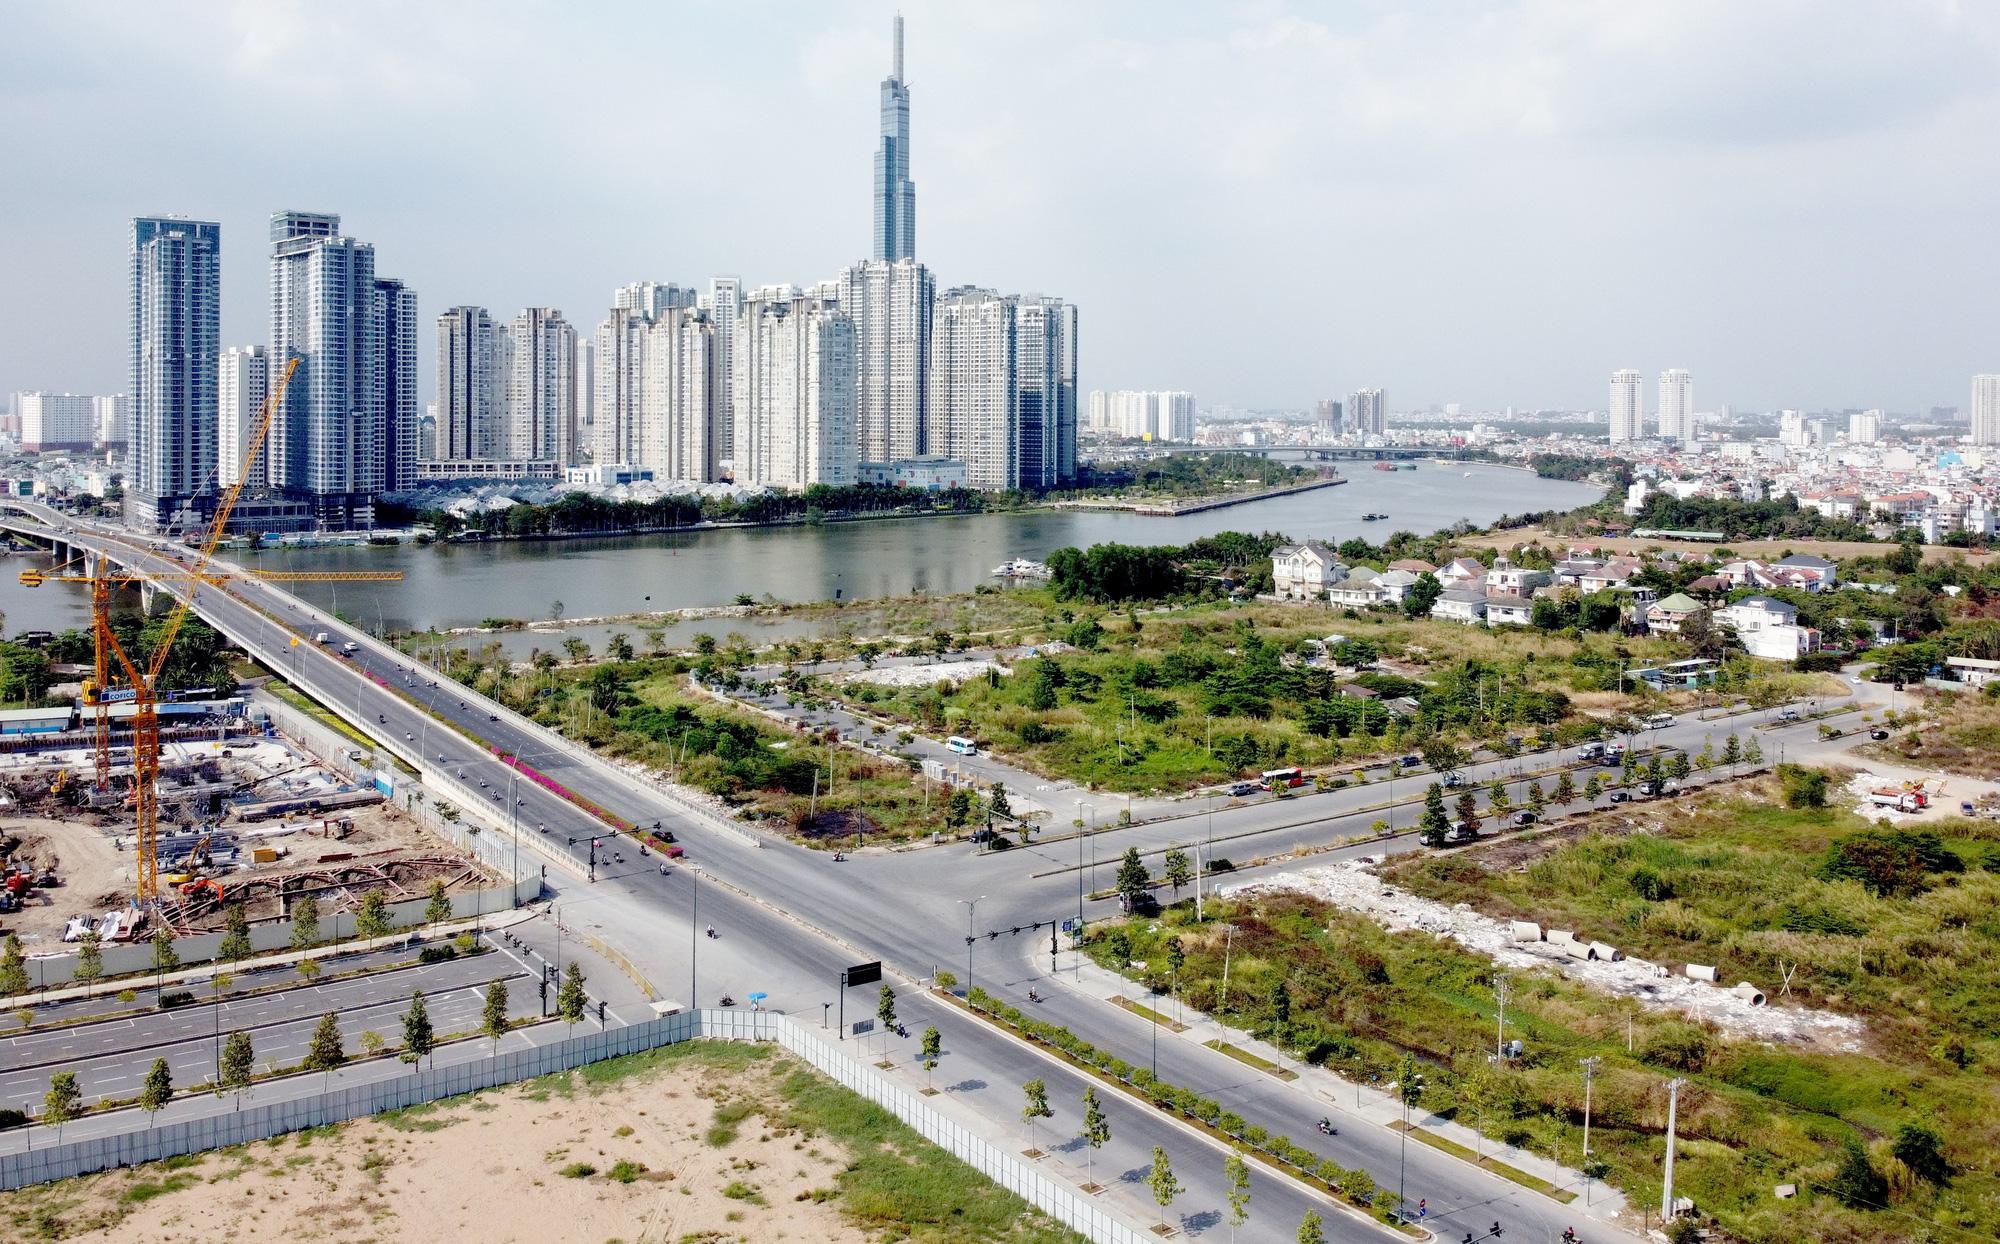 Toàn cảnh dự án Khu dân cư phía Bắc ở Thủ Thiêm của CII vừa được TP HCM cho tiếp tục triển khai - Ảnh 1.